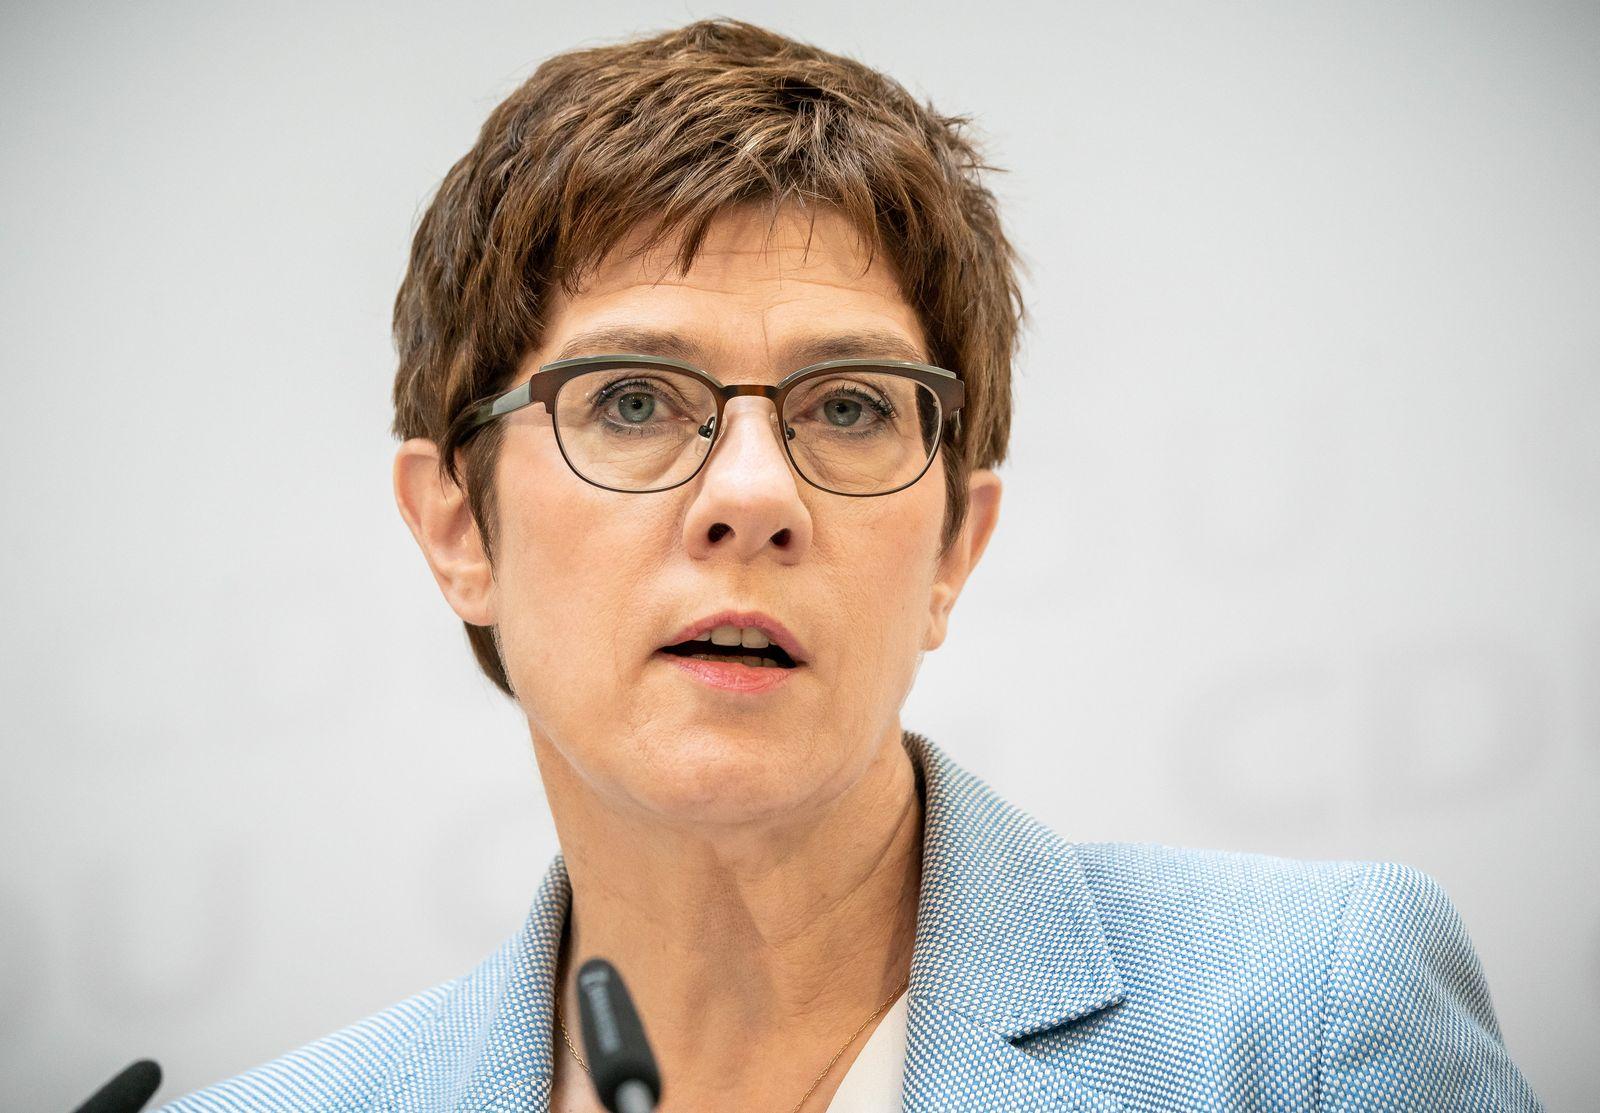 Kramp-Karrenbauer: Lehren aus Corona-Krise in CDU berücksichtigen